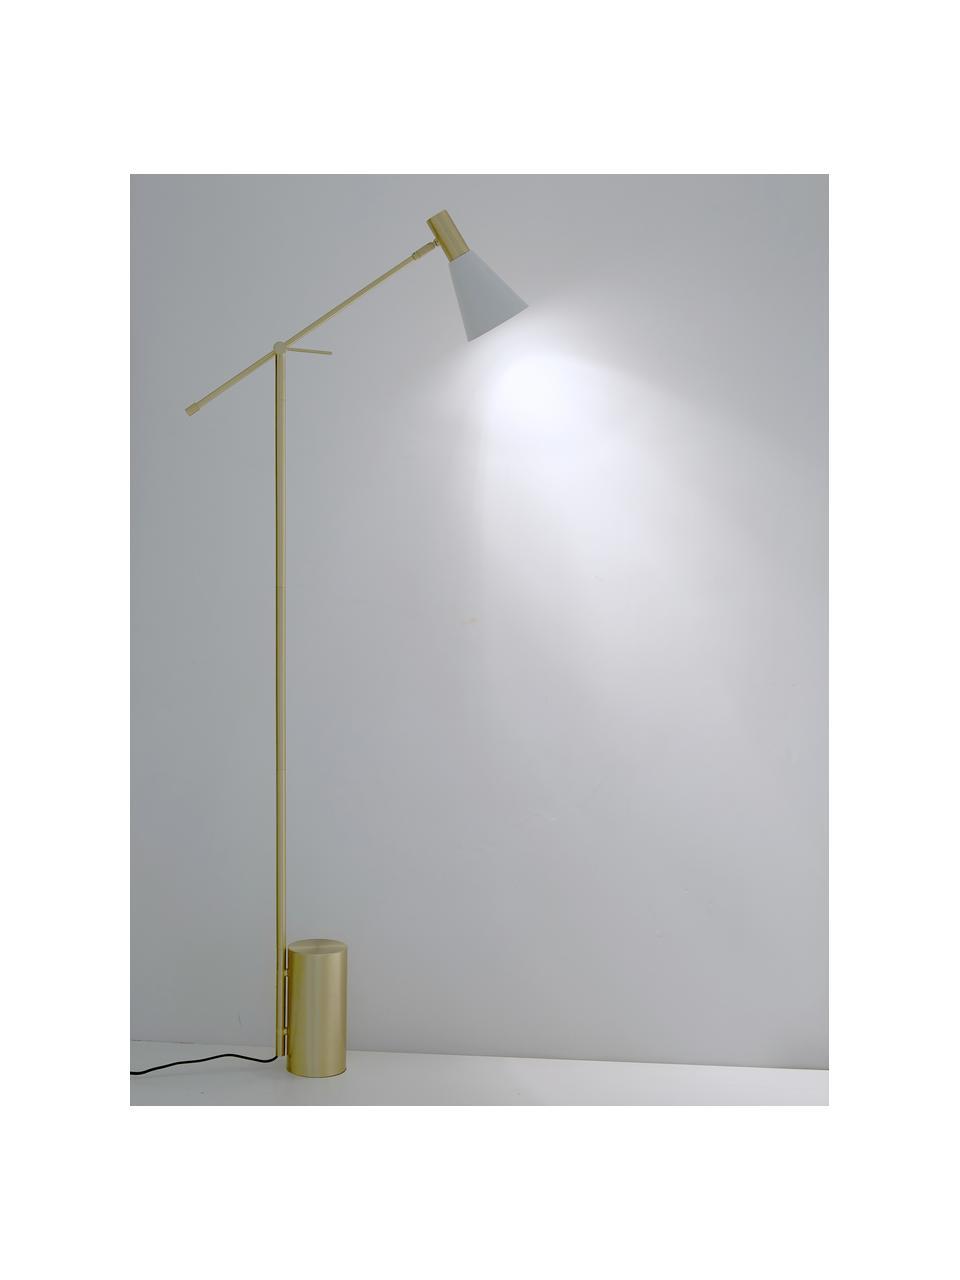 Leselampe Sia in Weiß-Gold, Lampenschirm: Metall, pulverbeschichtet, Lampenfuß: Metall, vermessingt, Weiß, Messingfarben, Ø 14 x H 162 cm